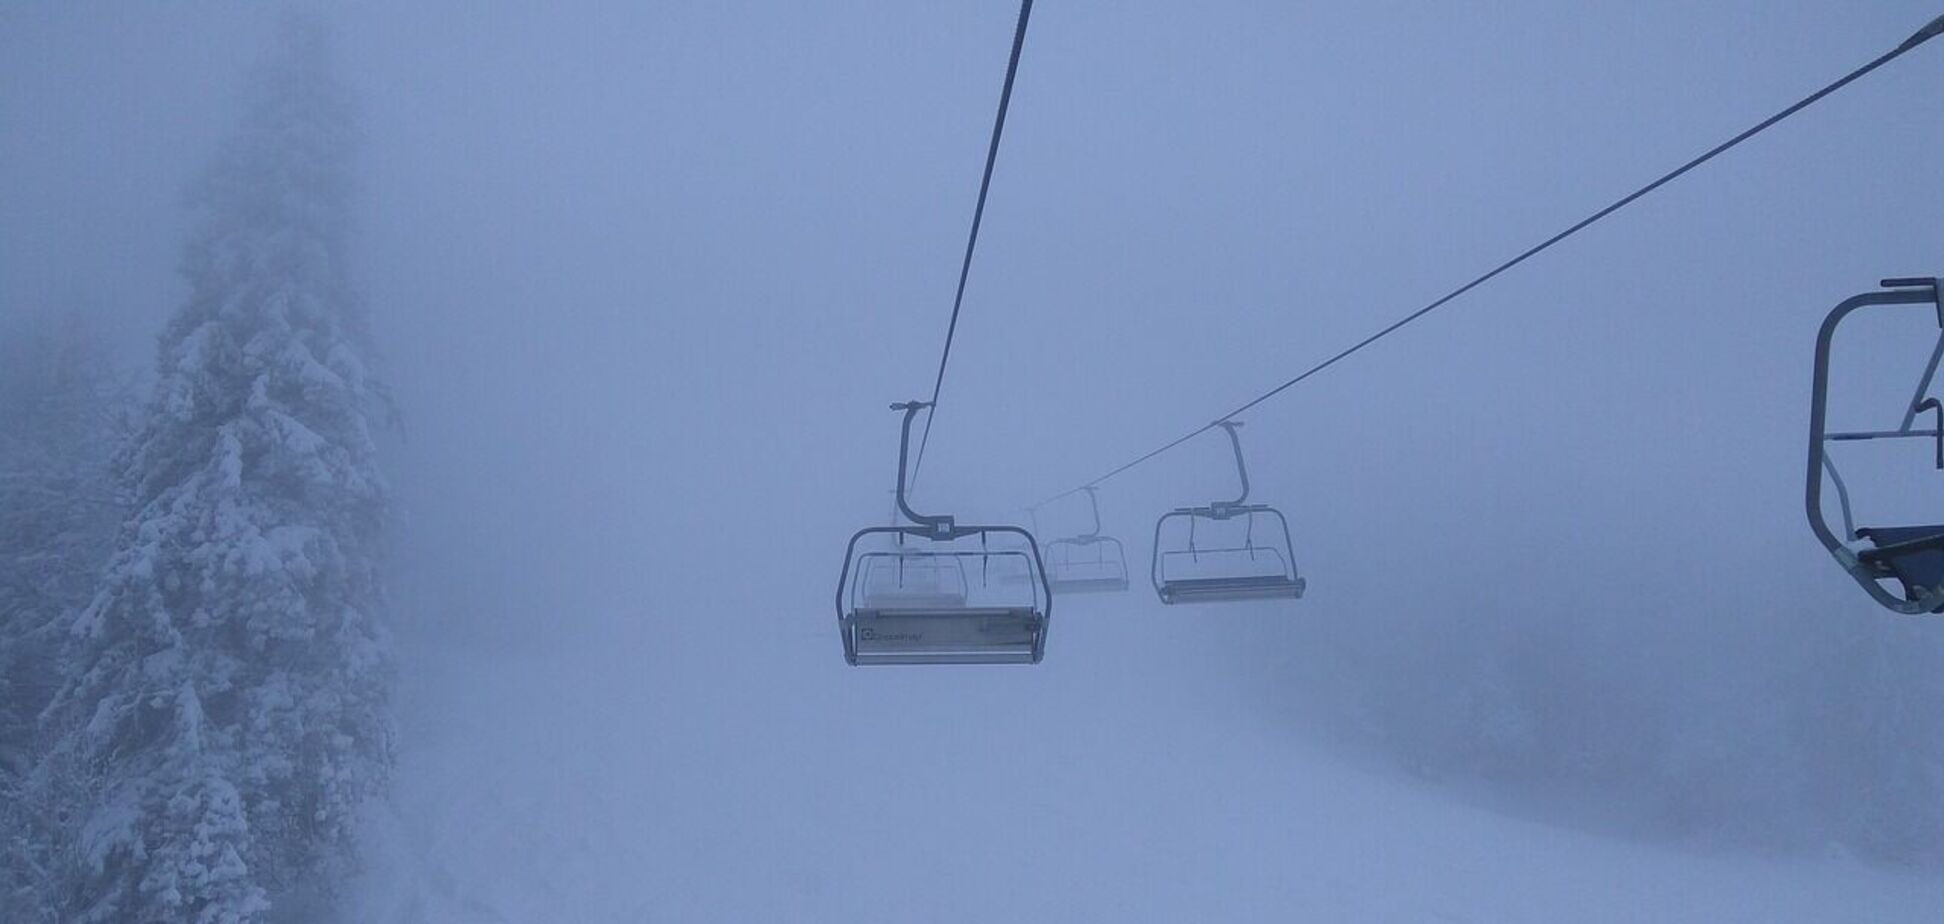 Українські Карпати замело снігом: оголошено штормове попередження. Фото